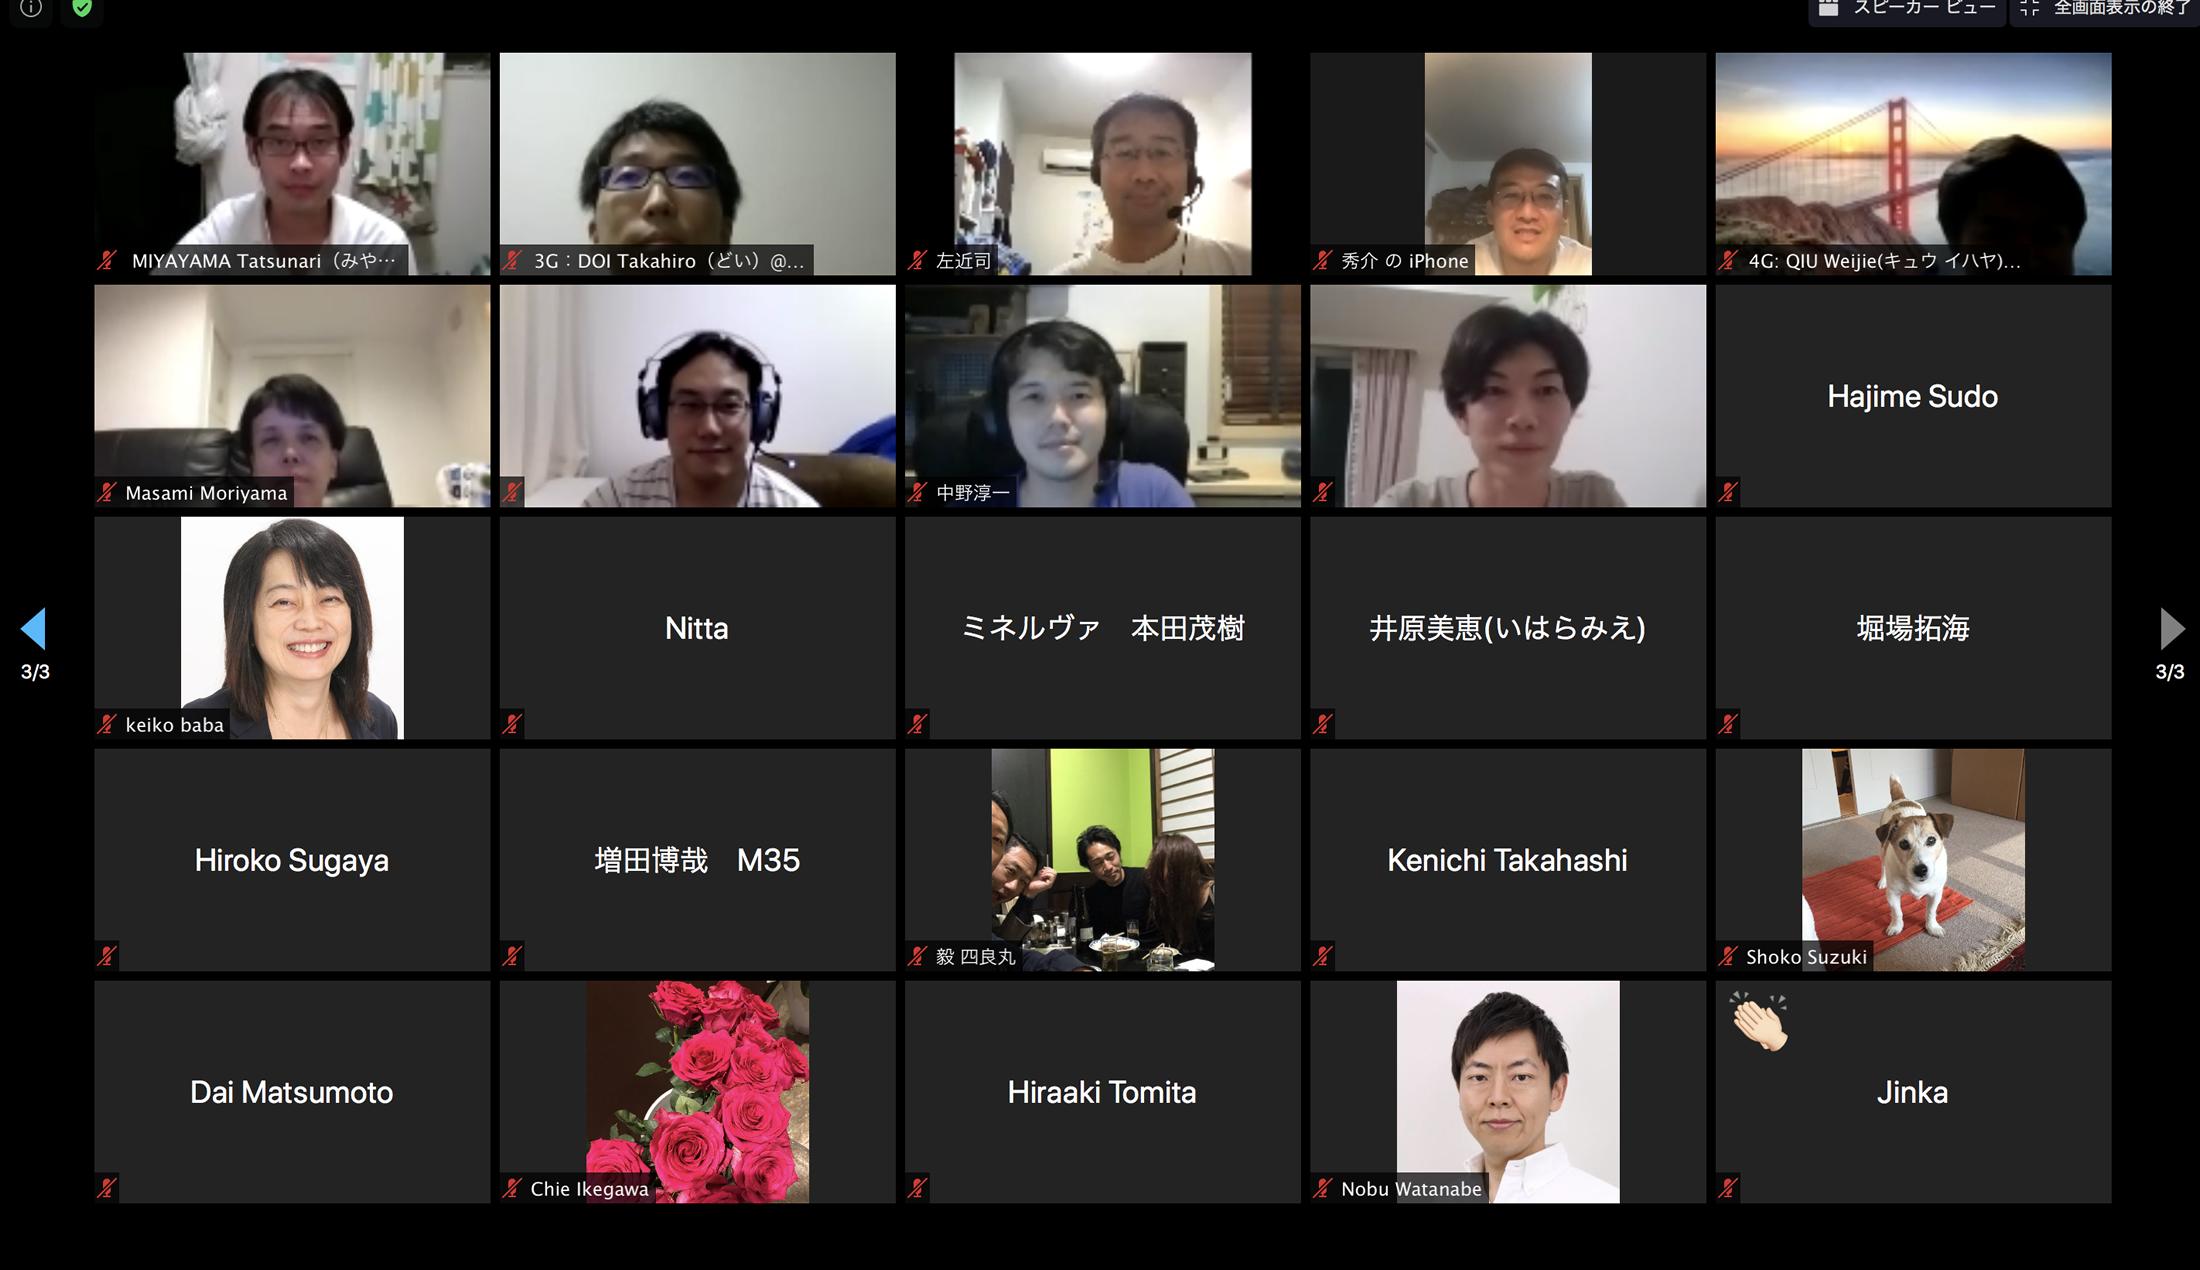 https://keio-emba.jp/cafe/about/2020072802.jpg